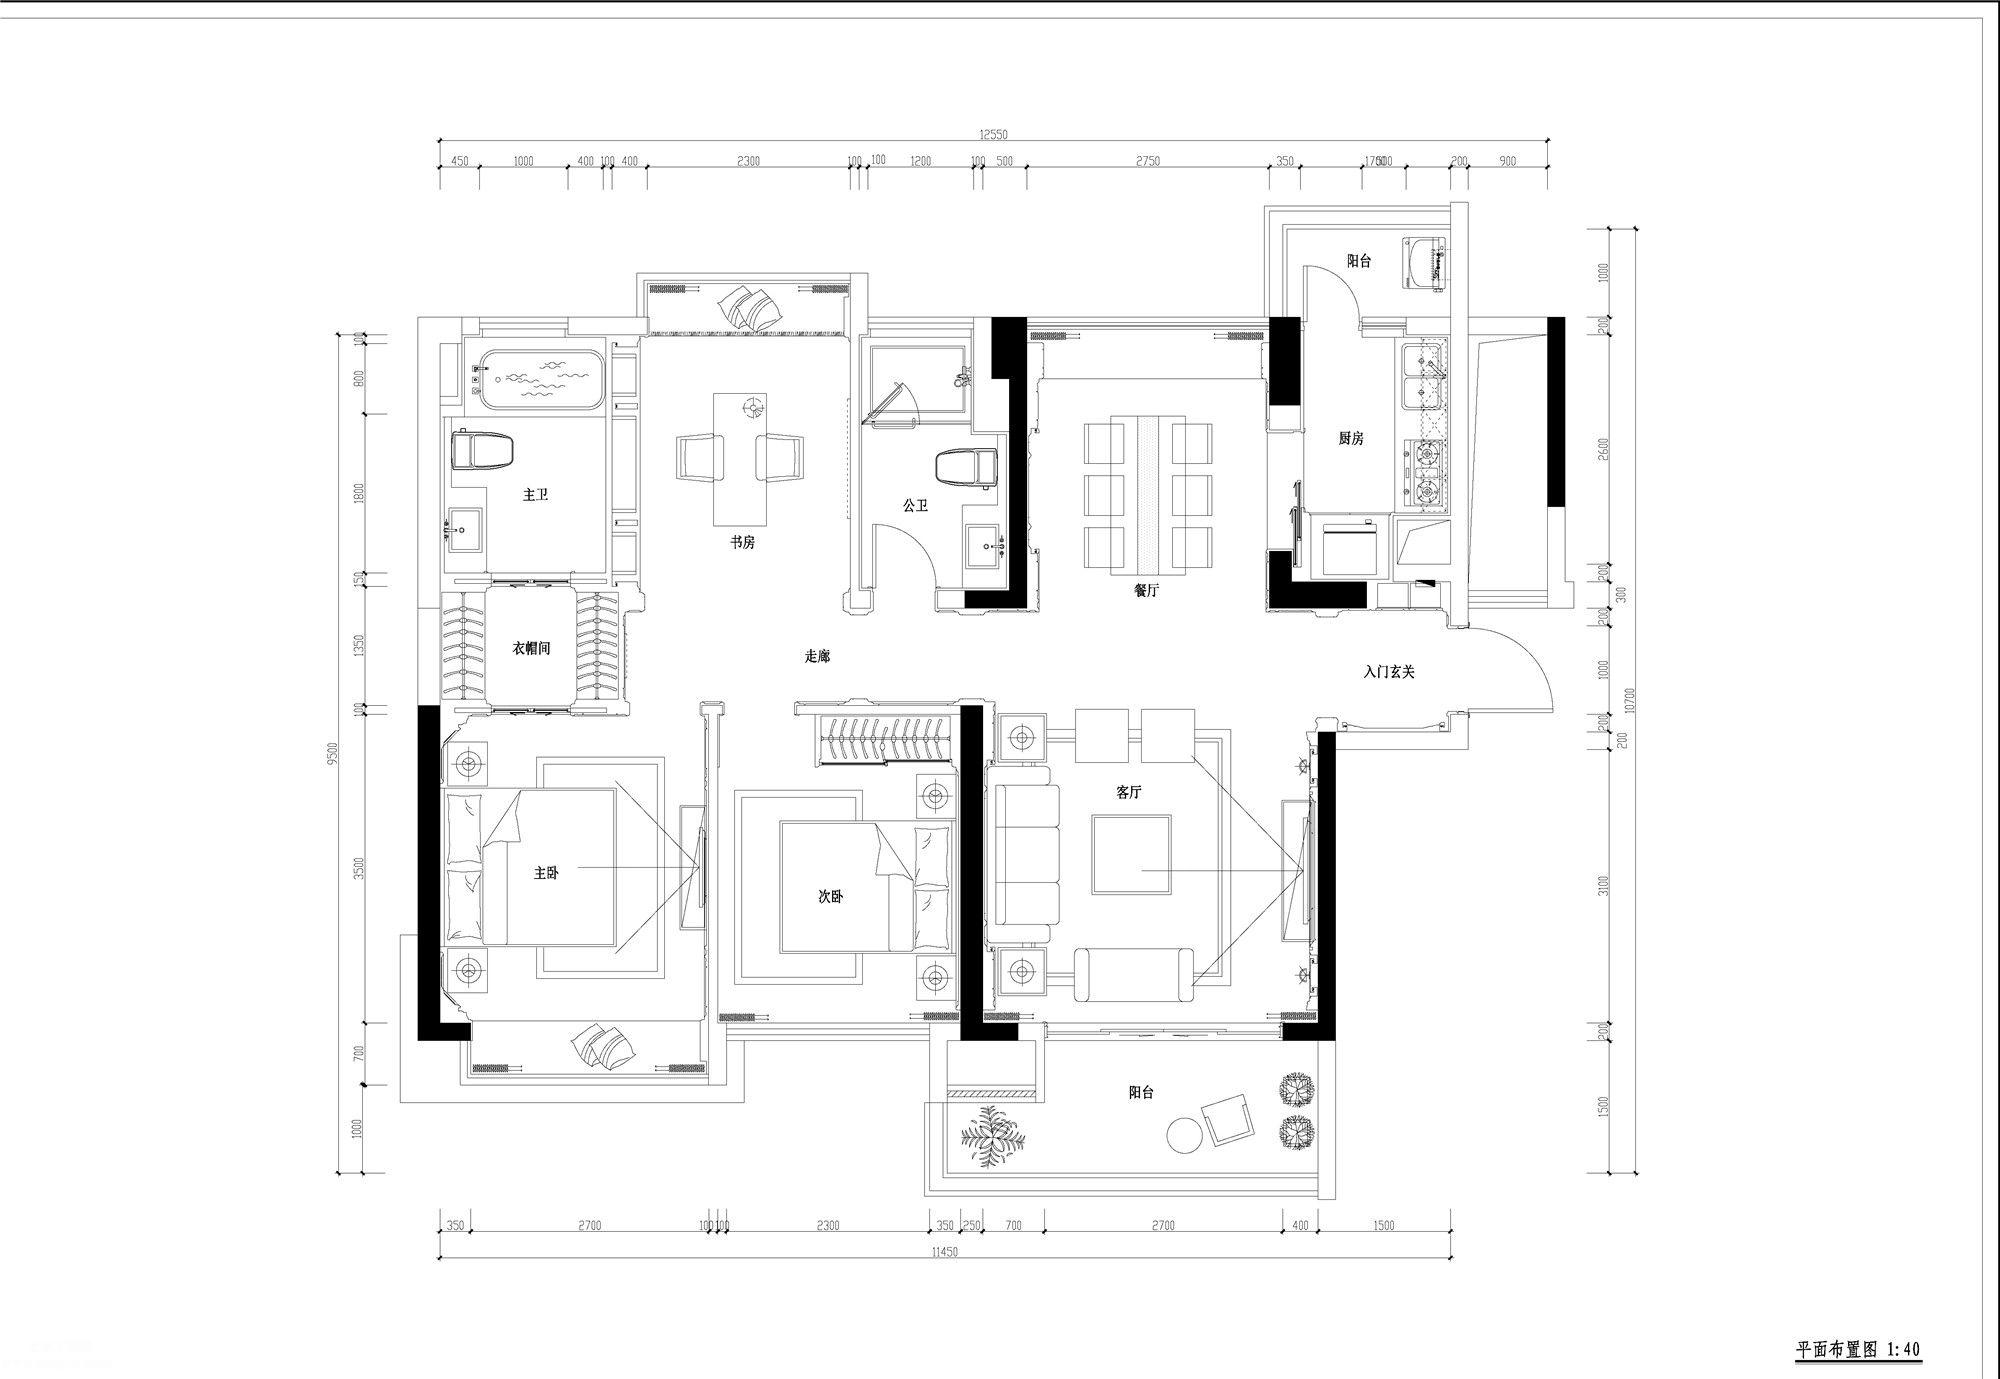 二居室的古典风格样板间设计CAD施工图全套含效果图、3D文件